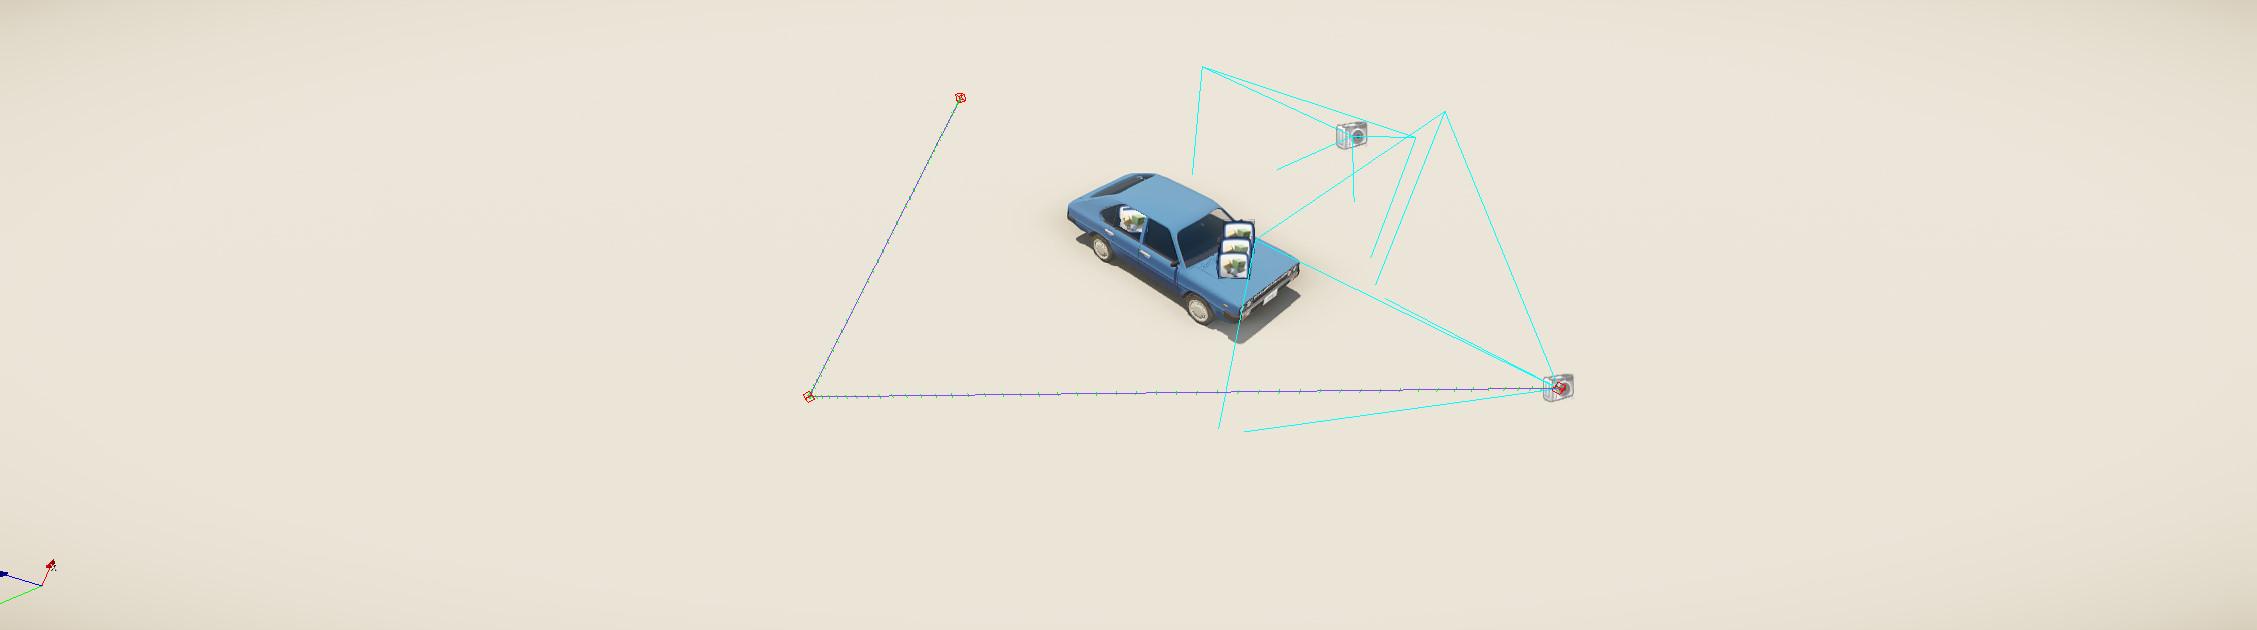 현대 포니[HYUNDAI PONY] 그래픽 파일